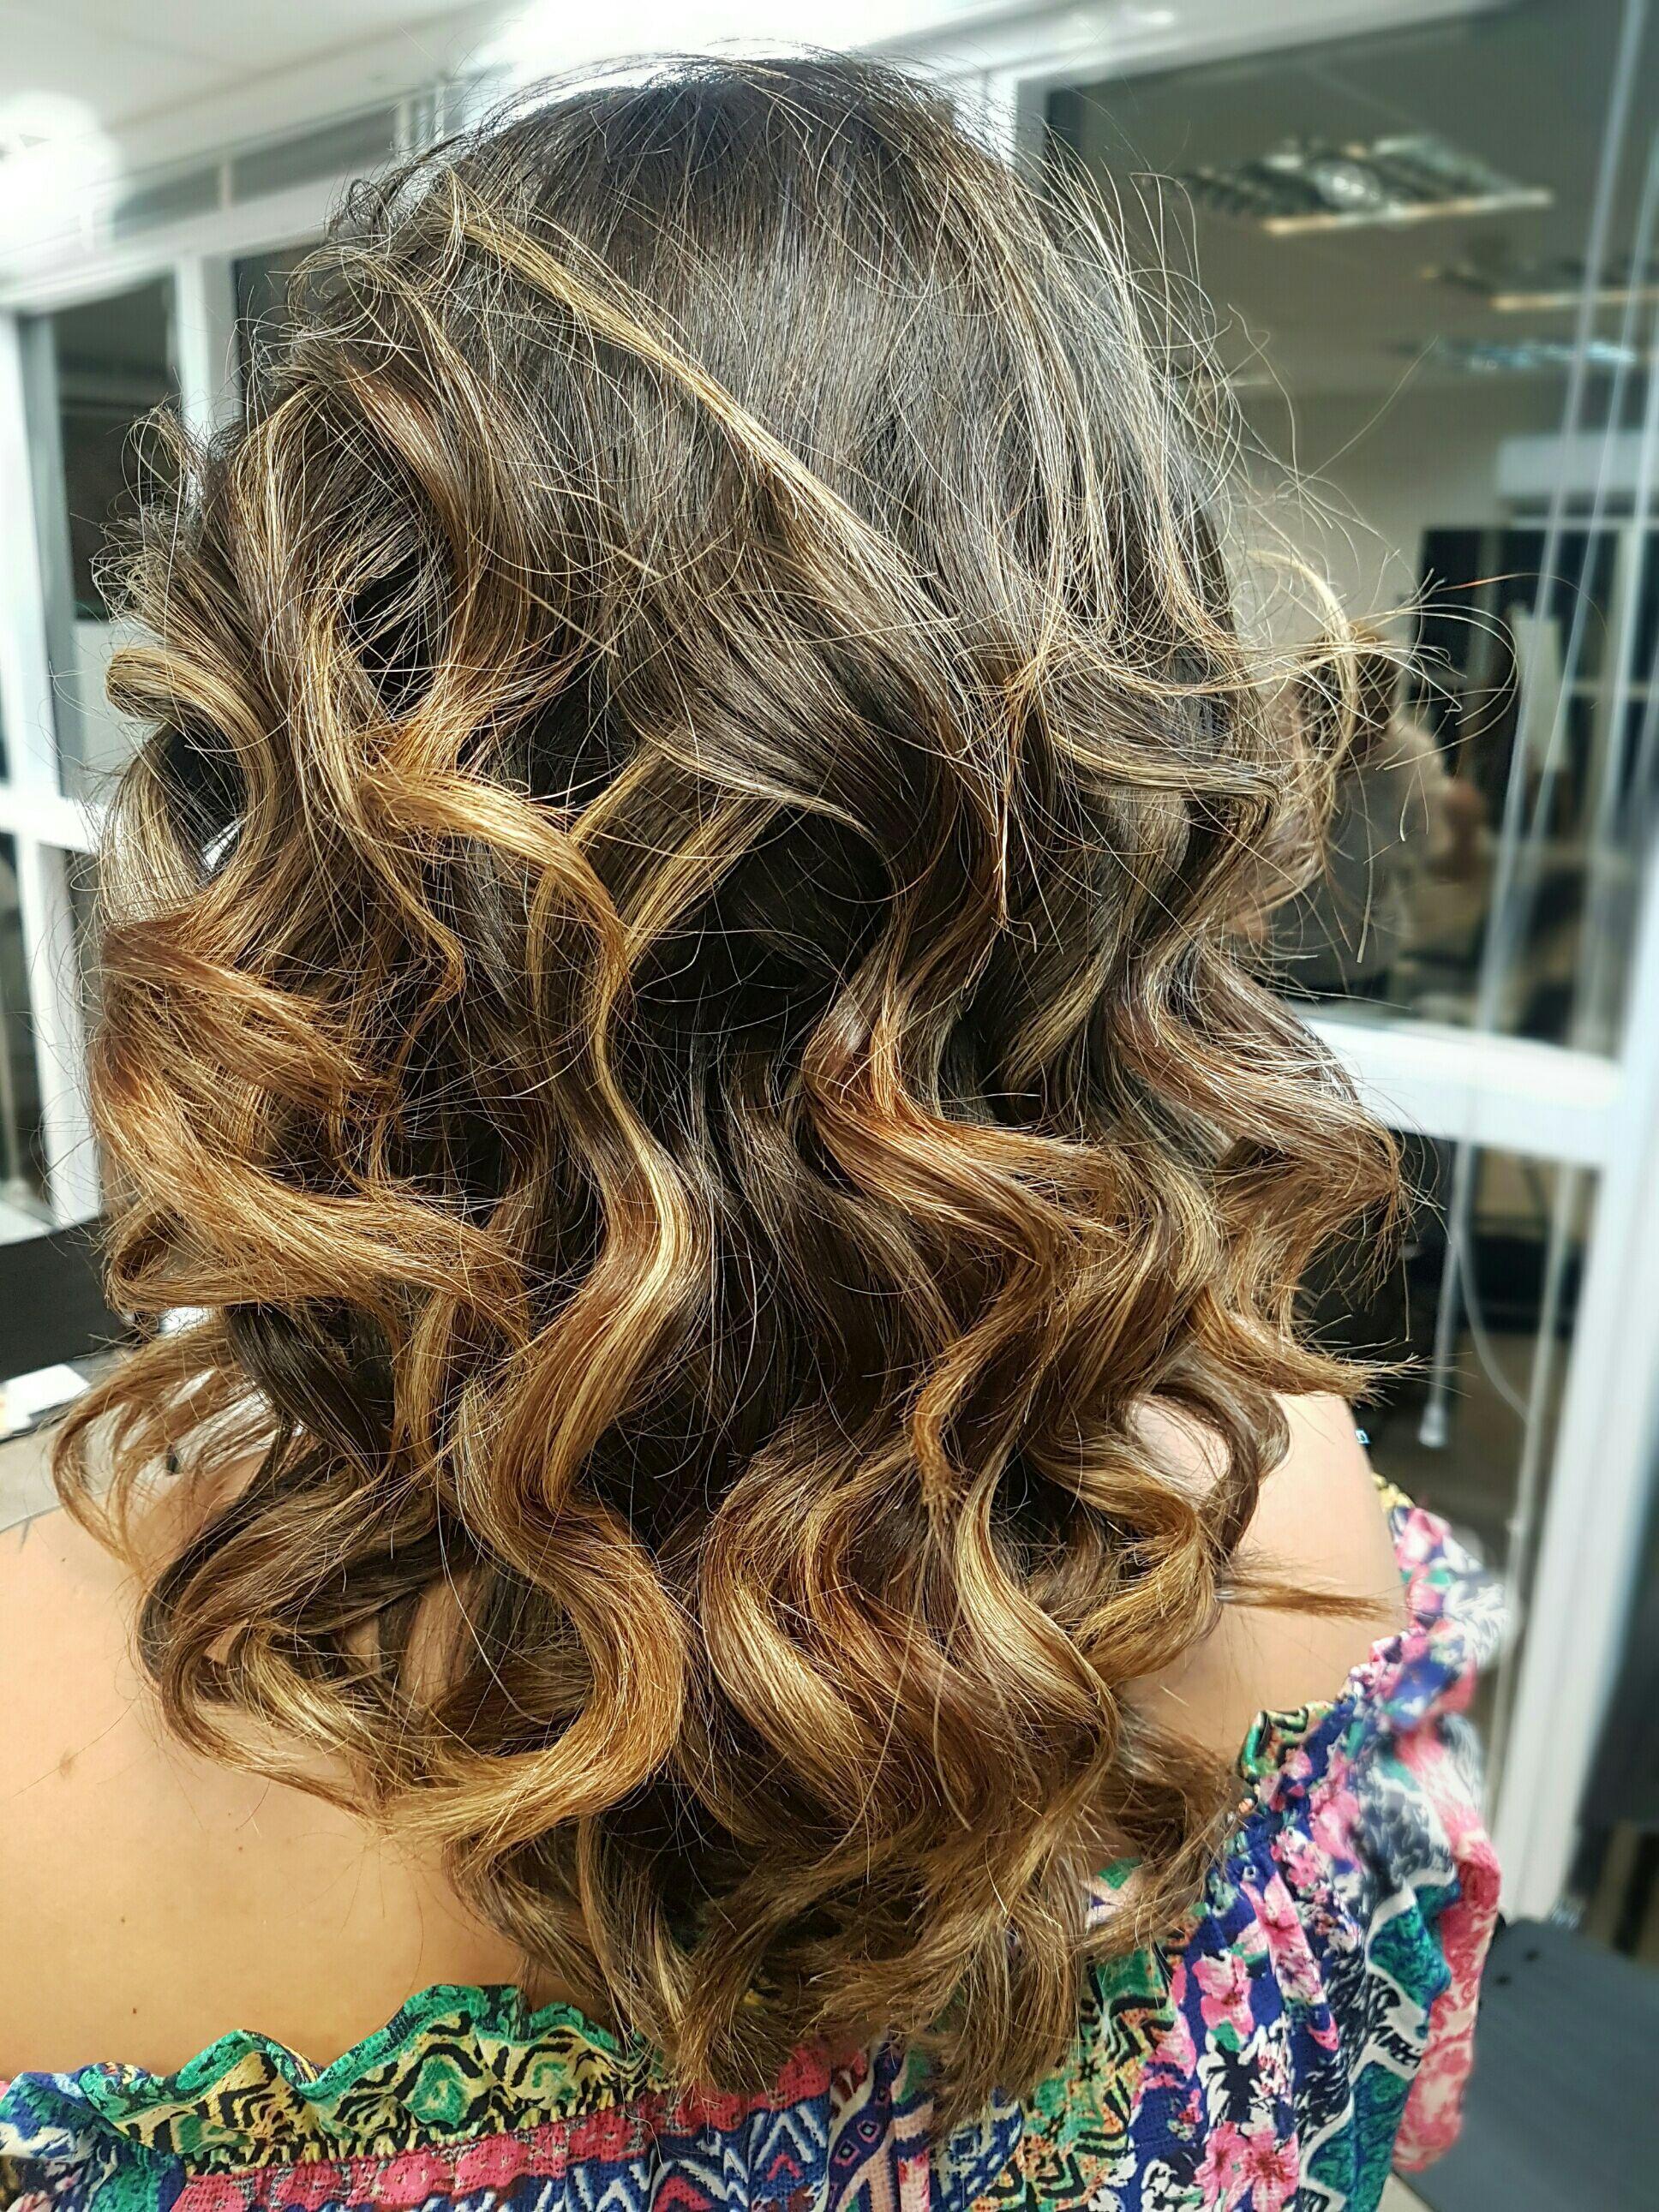 Escova com ondas 😍 cabelo auxiliar cabeleireiro(a) auxiliar cabeleireiro(a) auxiliar cabeleireiro(a)